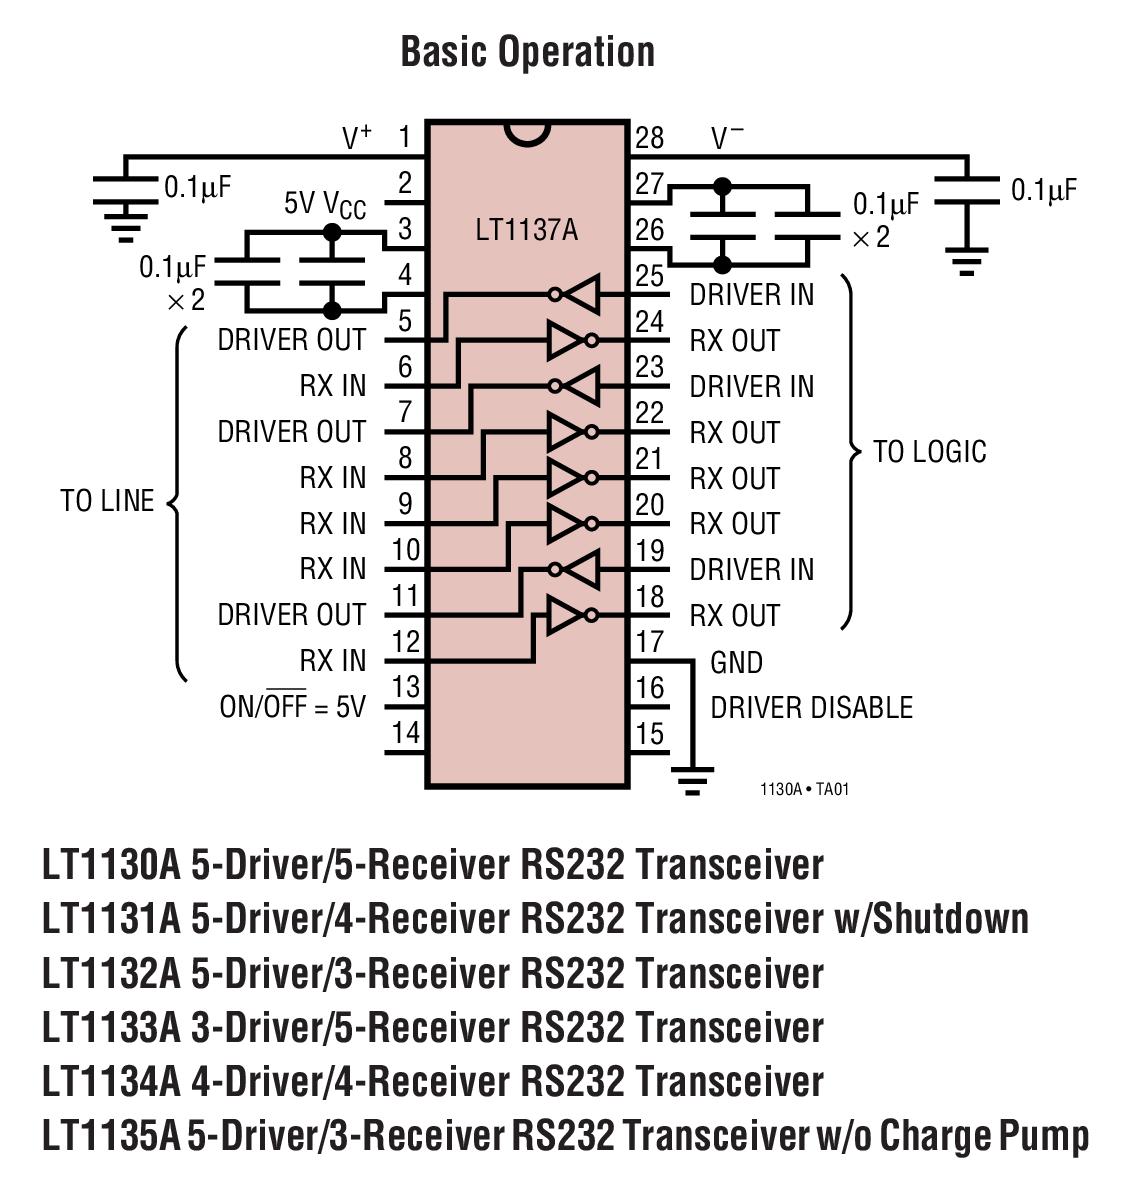 LT1130A 采用小电容器的先进低功率 5V RS232 驱动器 / 接收器